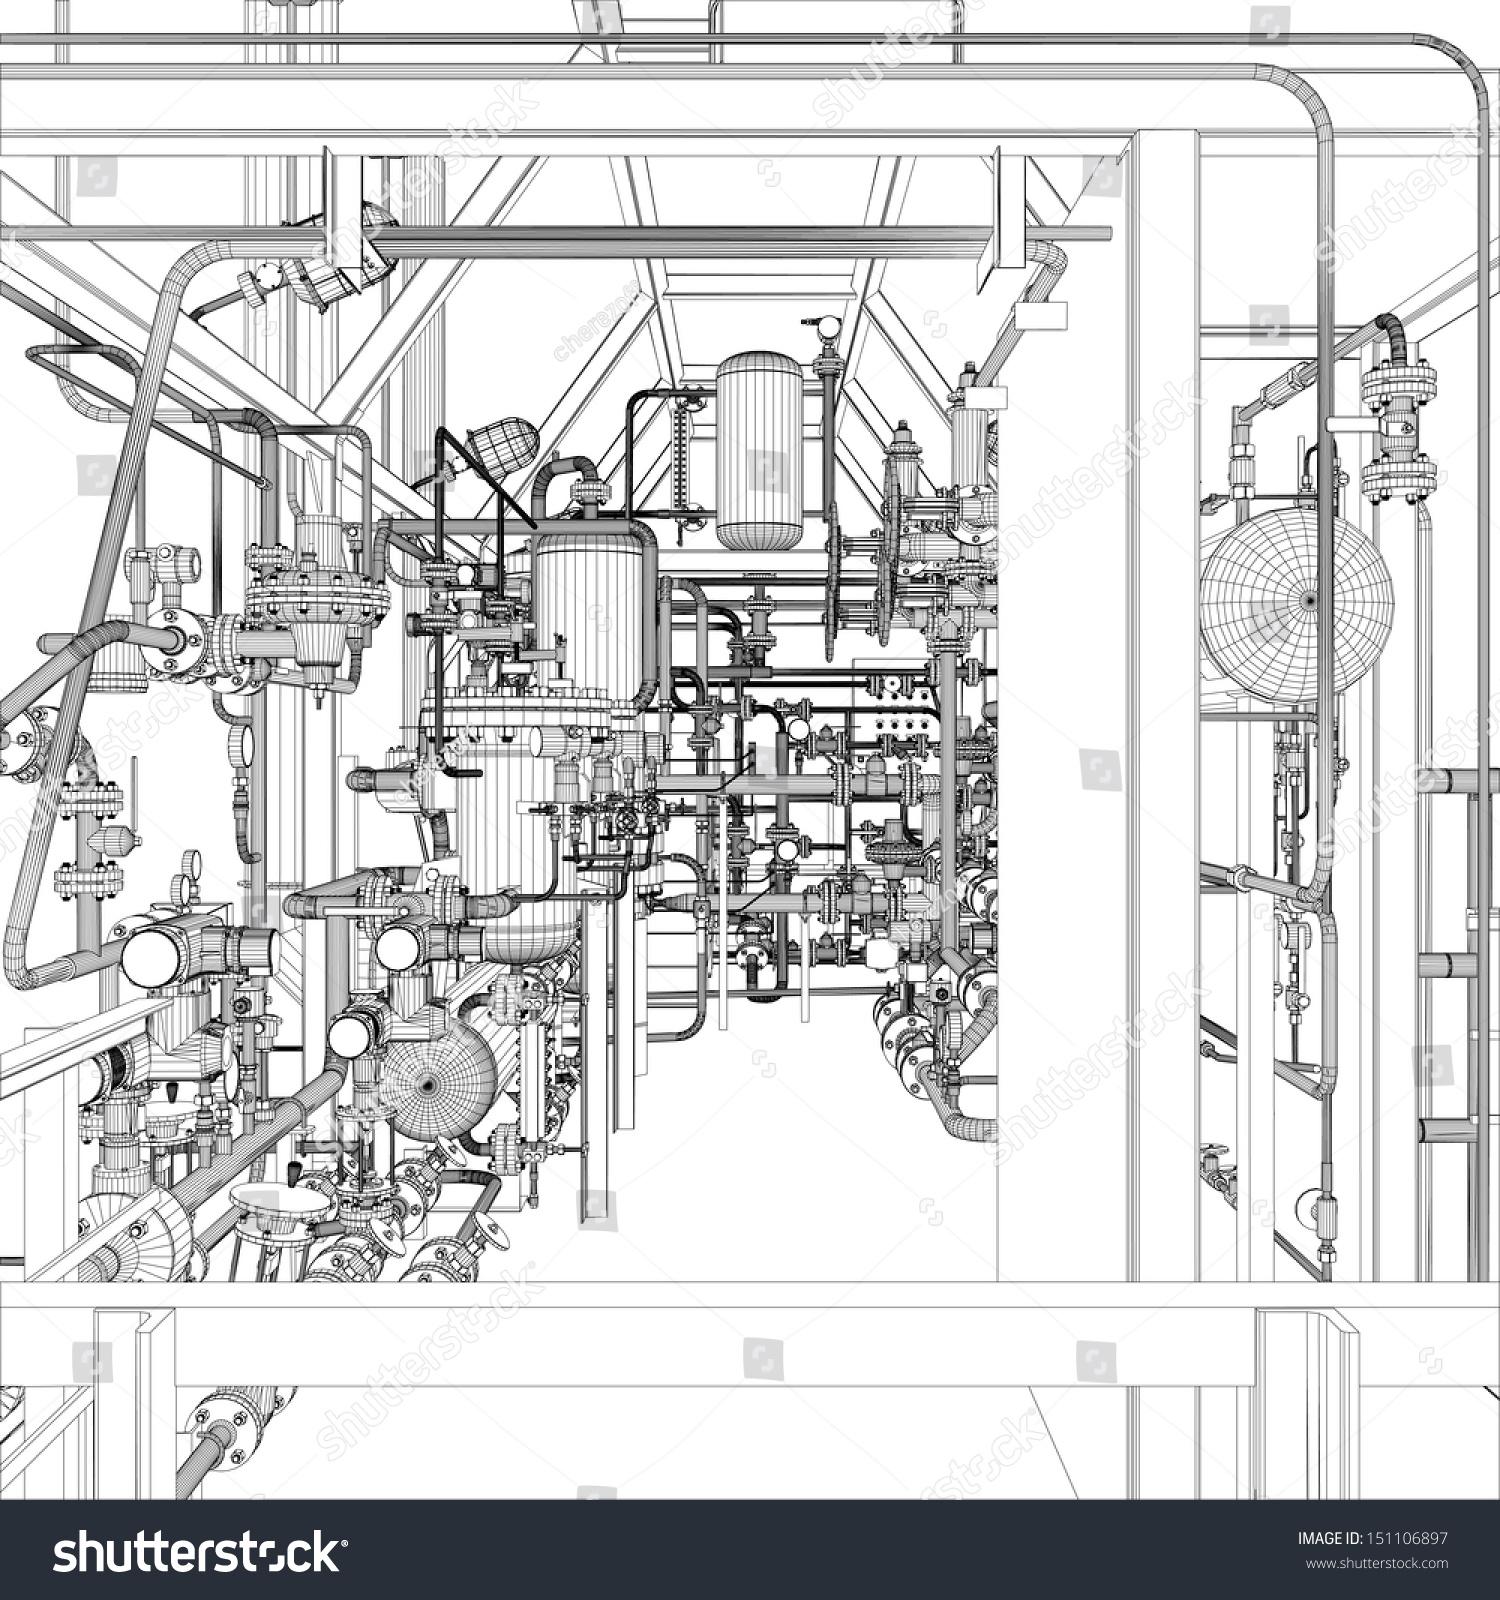 Wireframe Industrial Equipment EPS 10 Vector Stock Vector (2018 ...